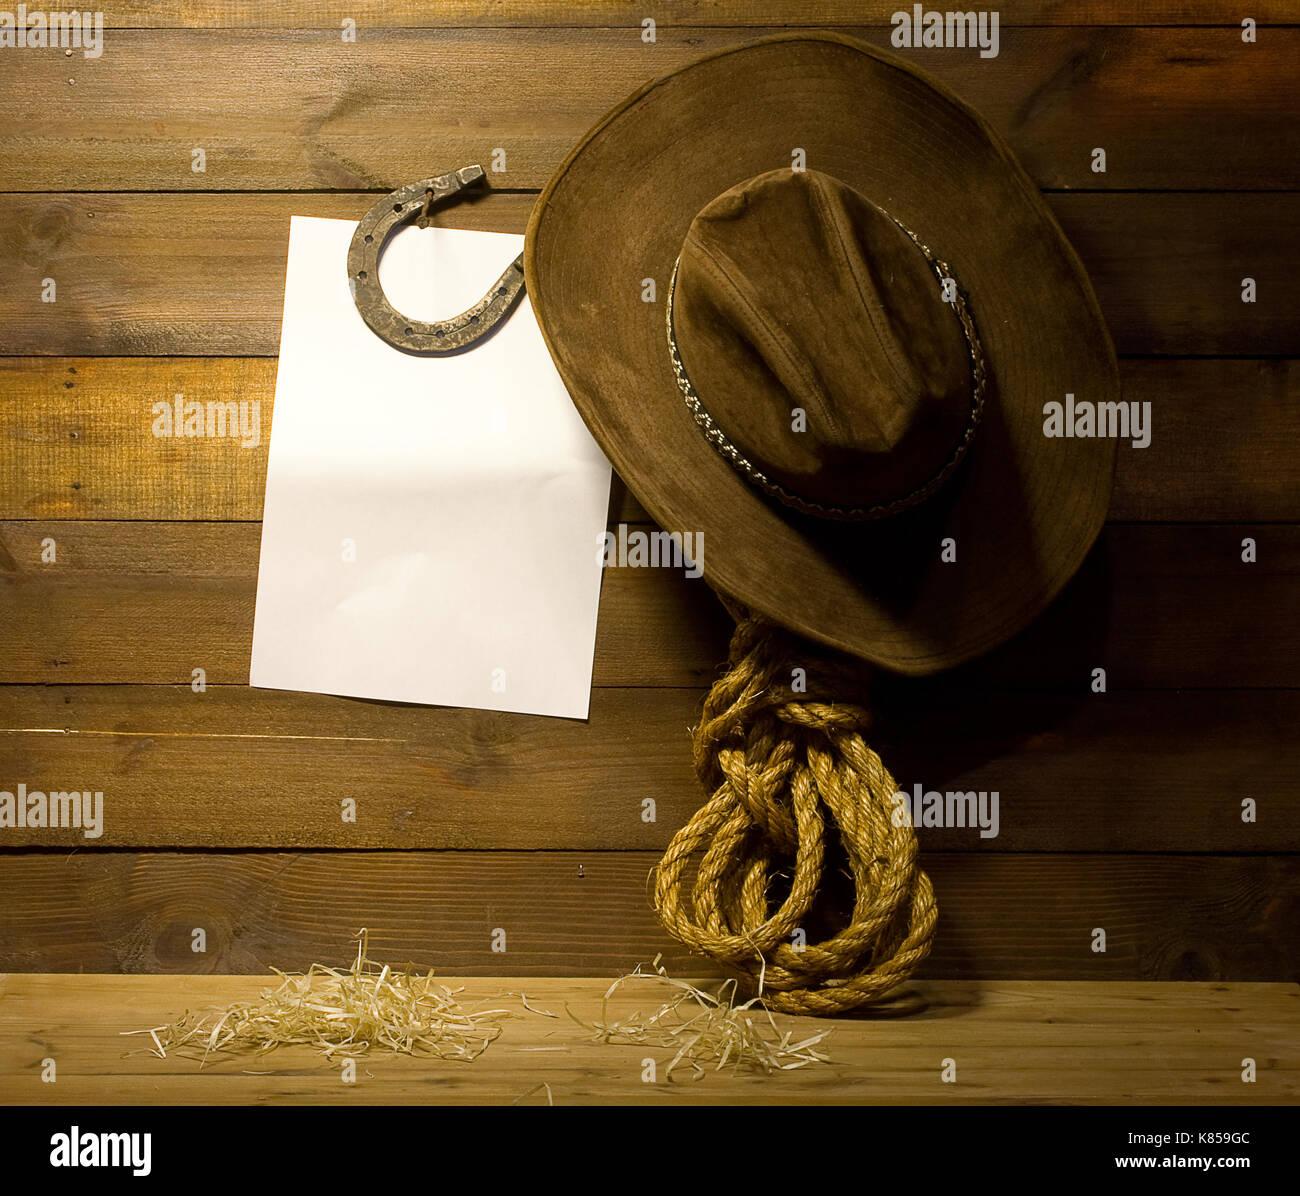 2bdb165541a3 Accesorios vaqueros colgados en la pared del rancho de madera antigua y de  fondo para el texto en blanco